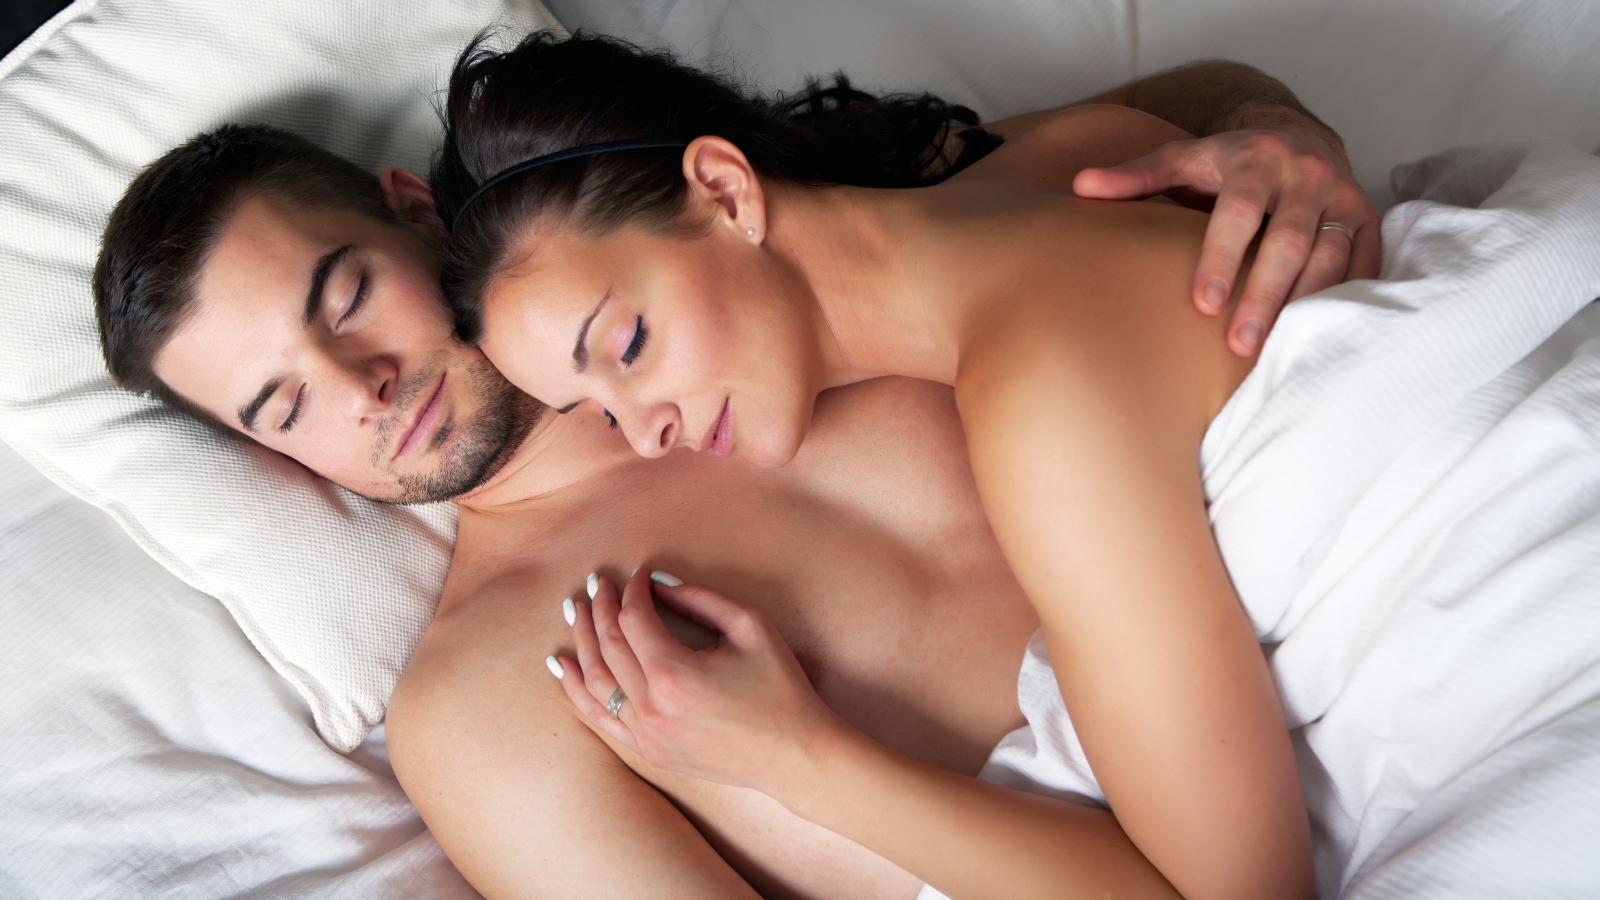 Сплю одновременно с двумя женами 4 фотография